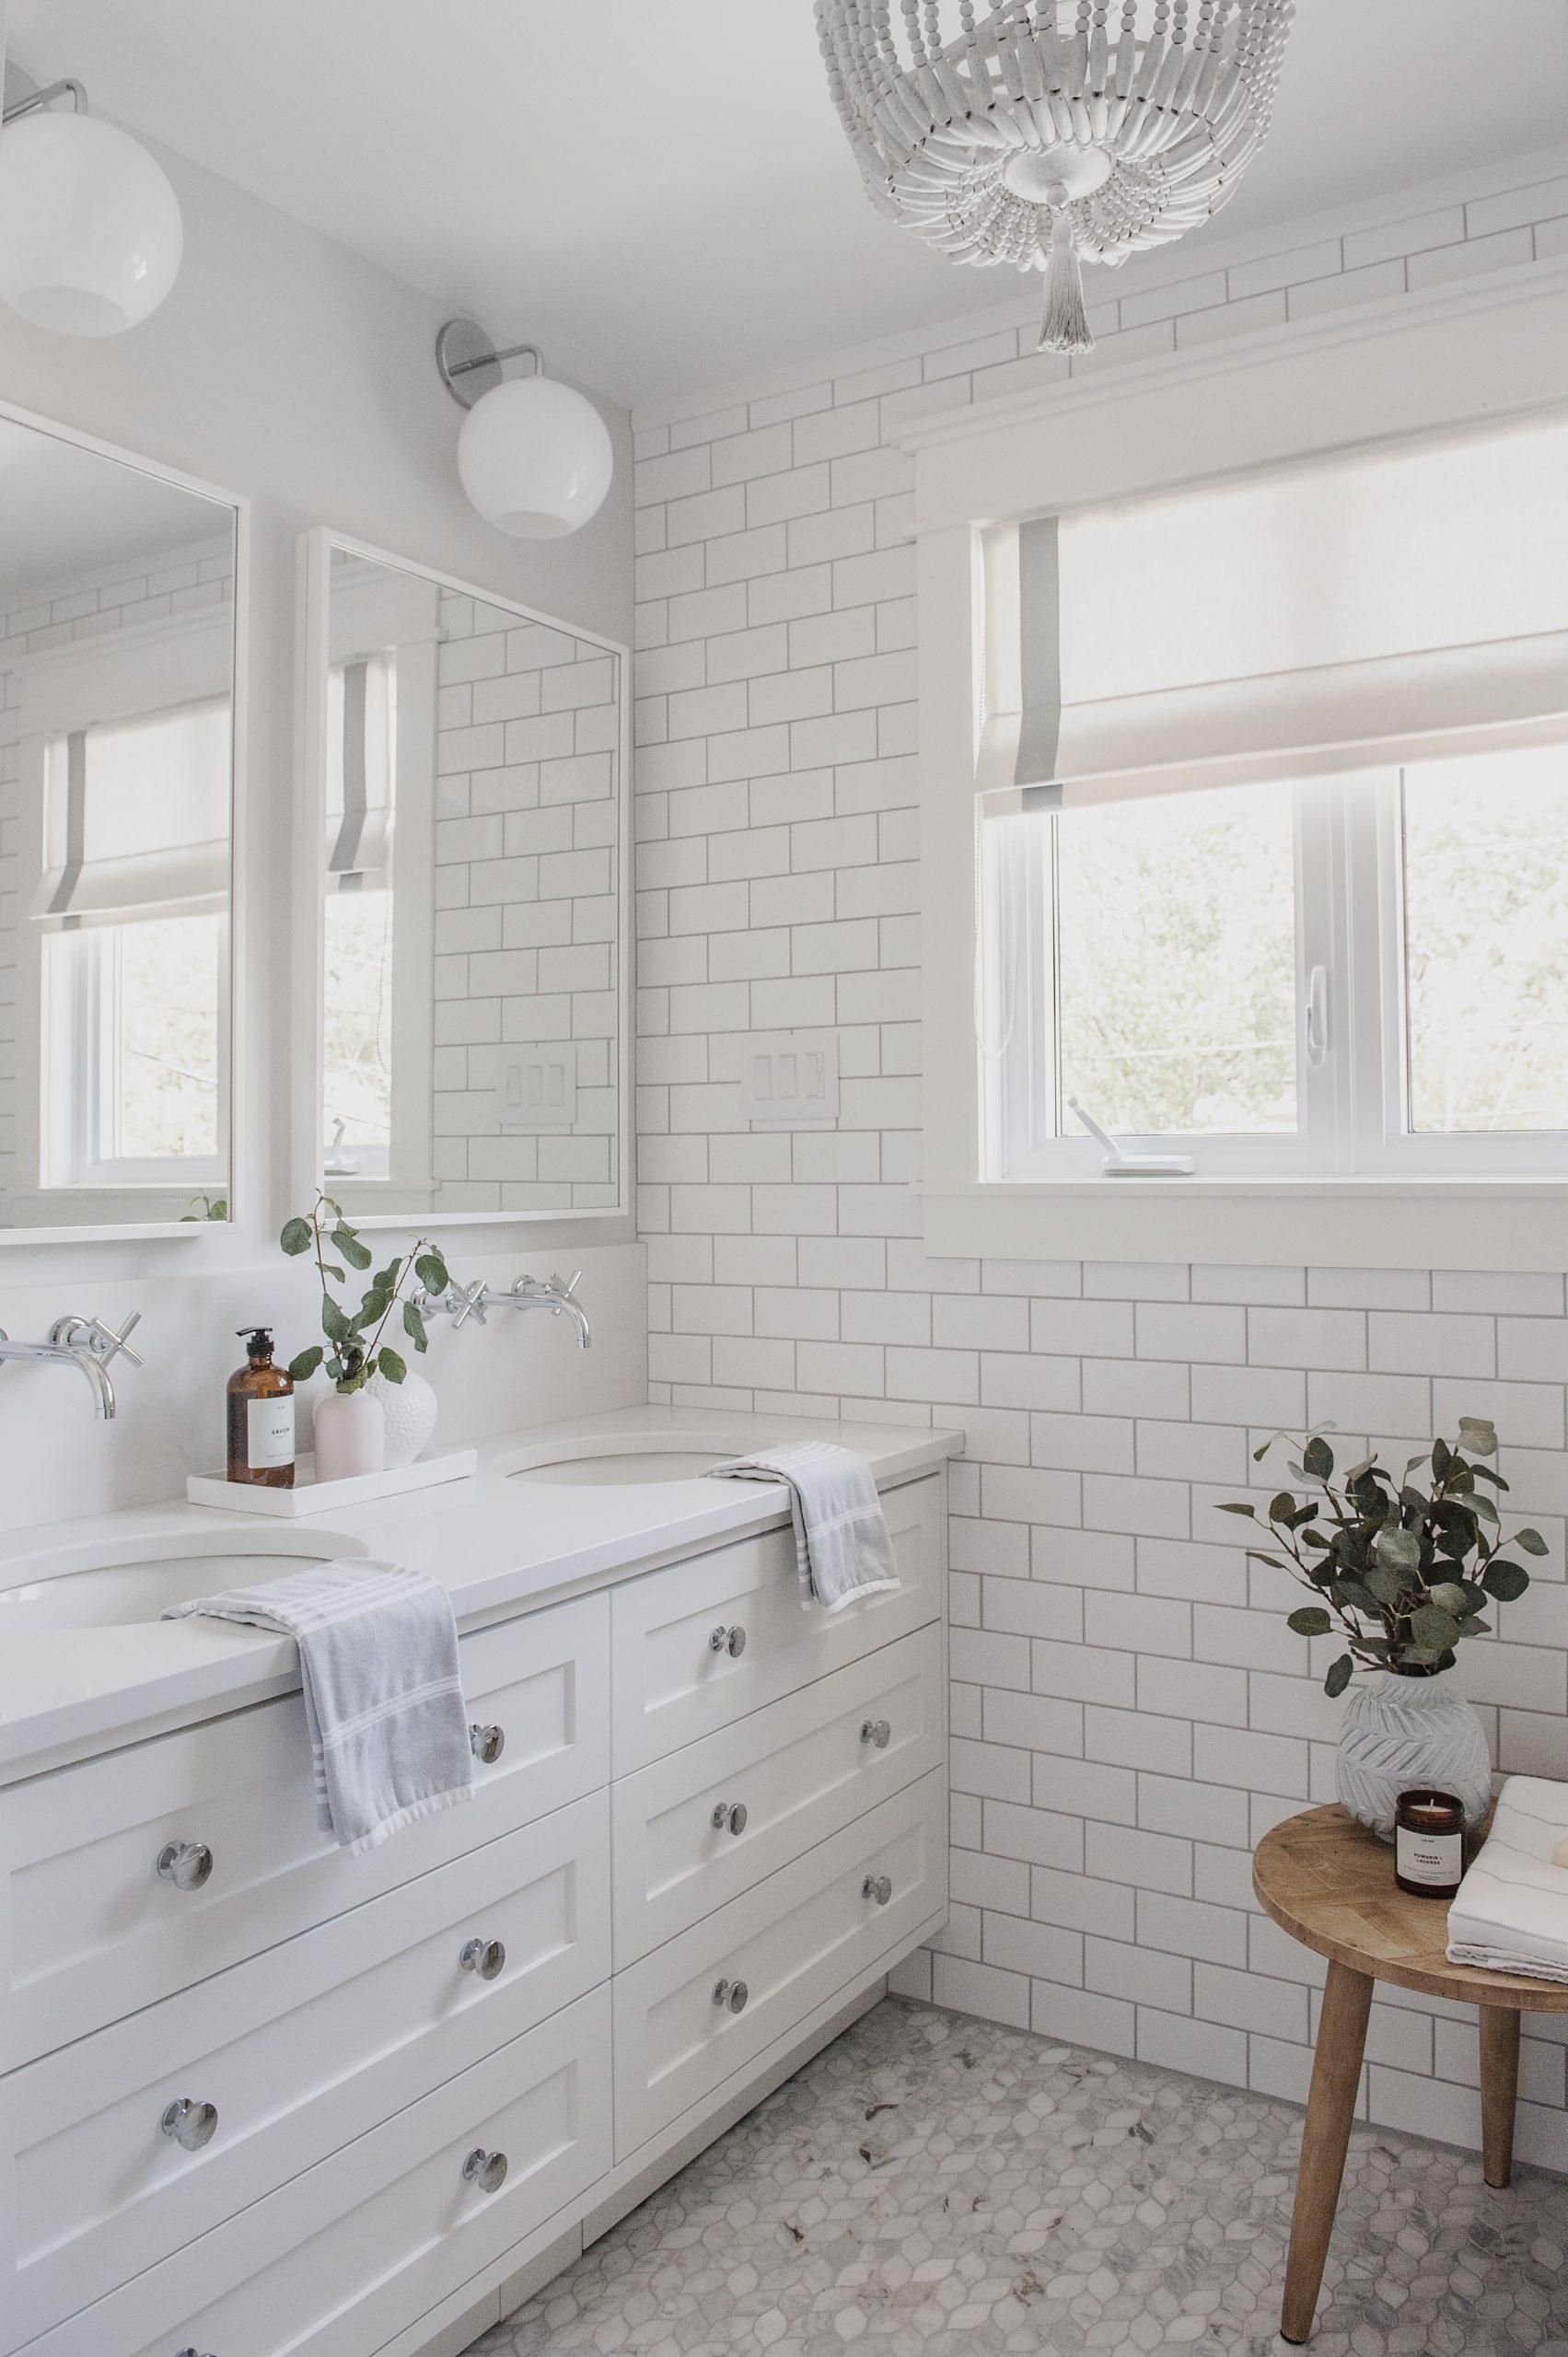 Frobisher AKB Design salle de bain marbre robinetterie murale vanite double quartz lingerie brique blanche21